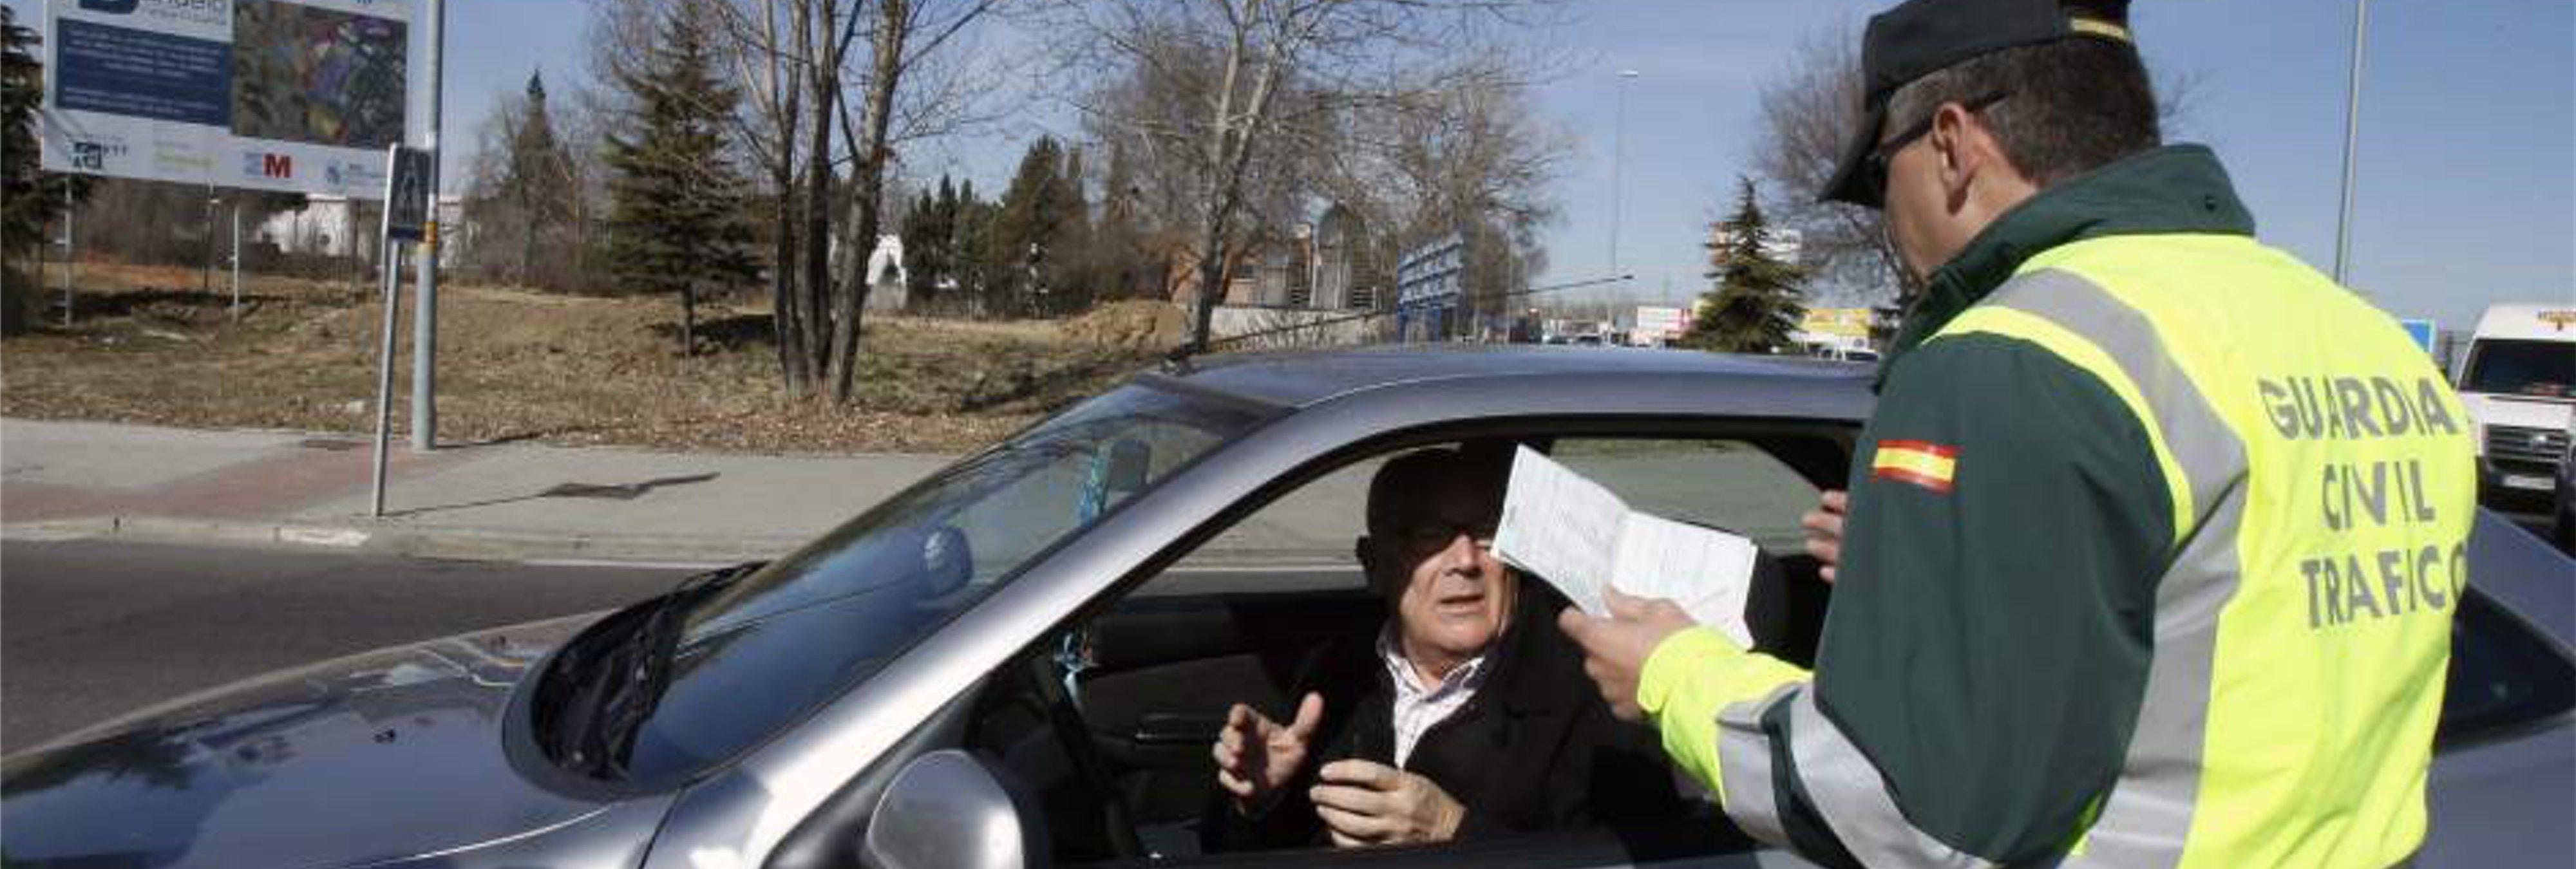 Cuidado: la Guardia Civil puede multarte si conservas alguno de estos objetos en tu coche